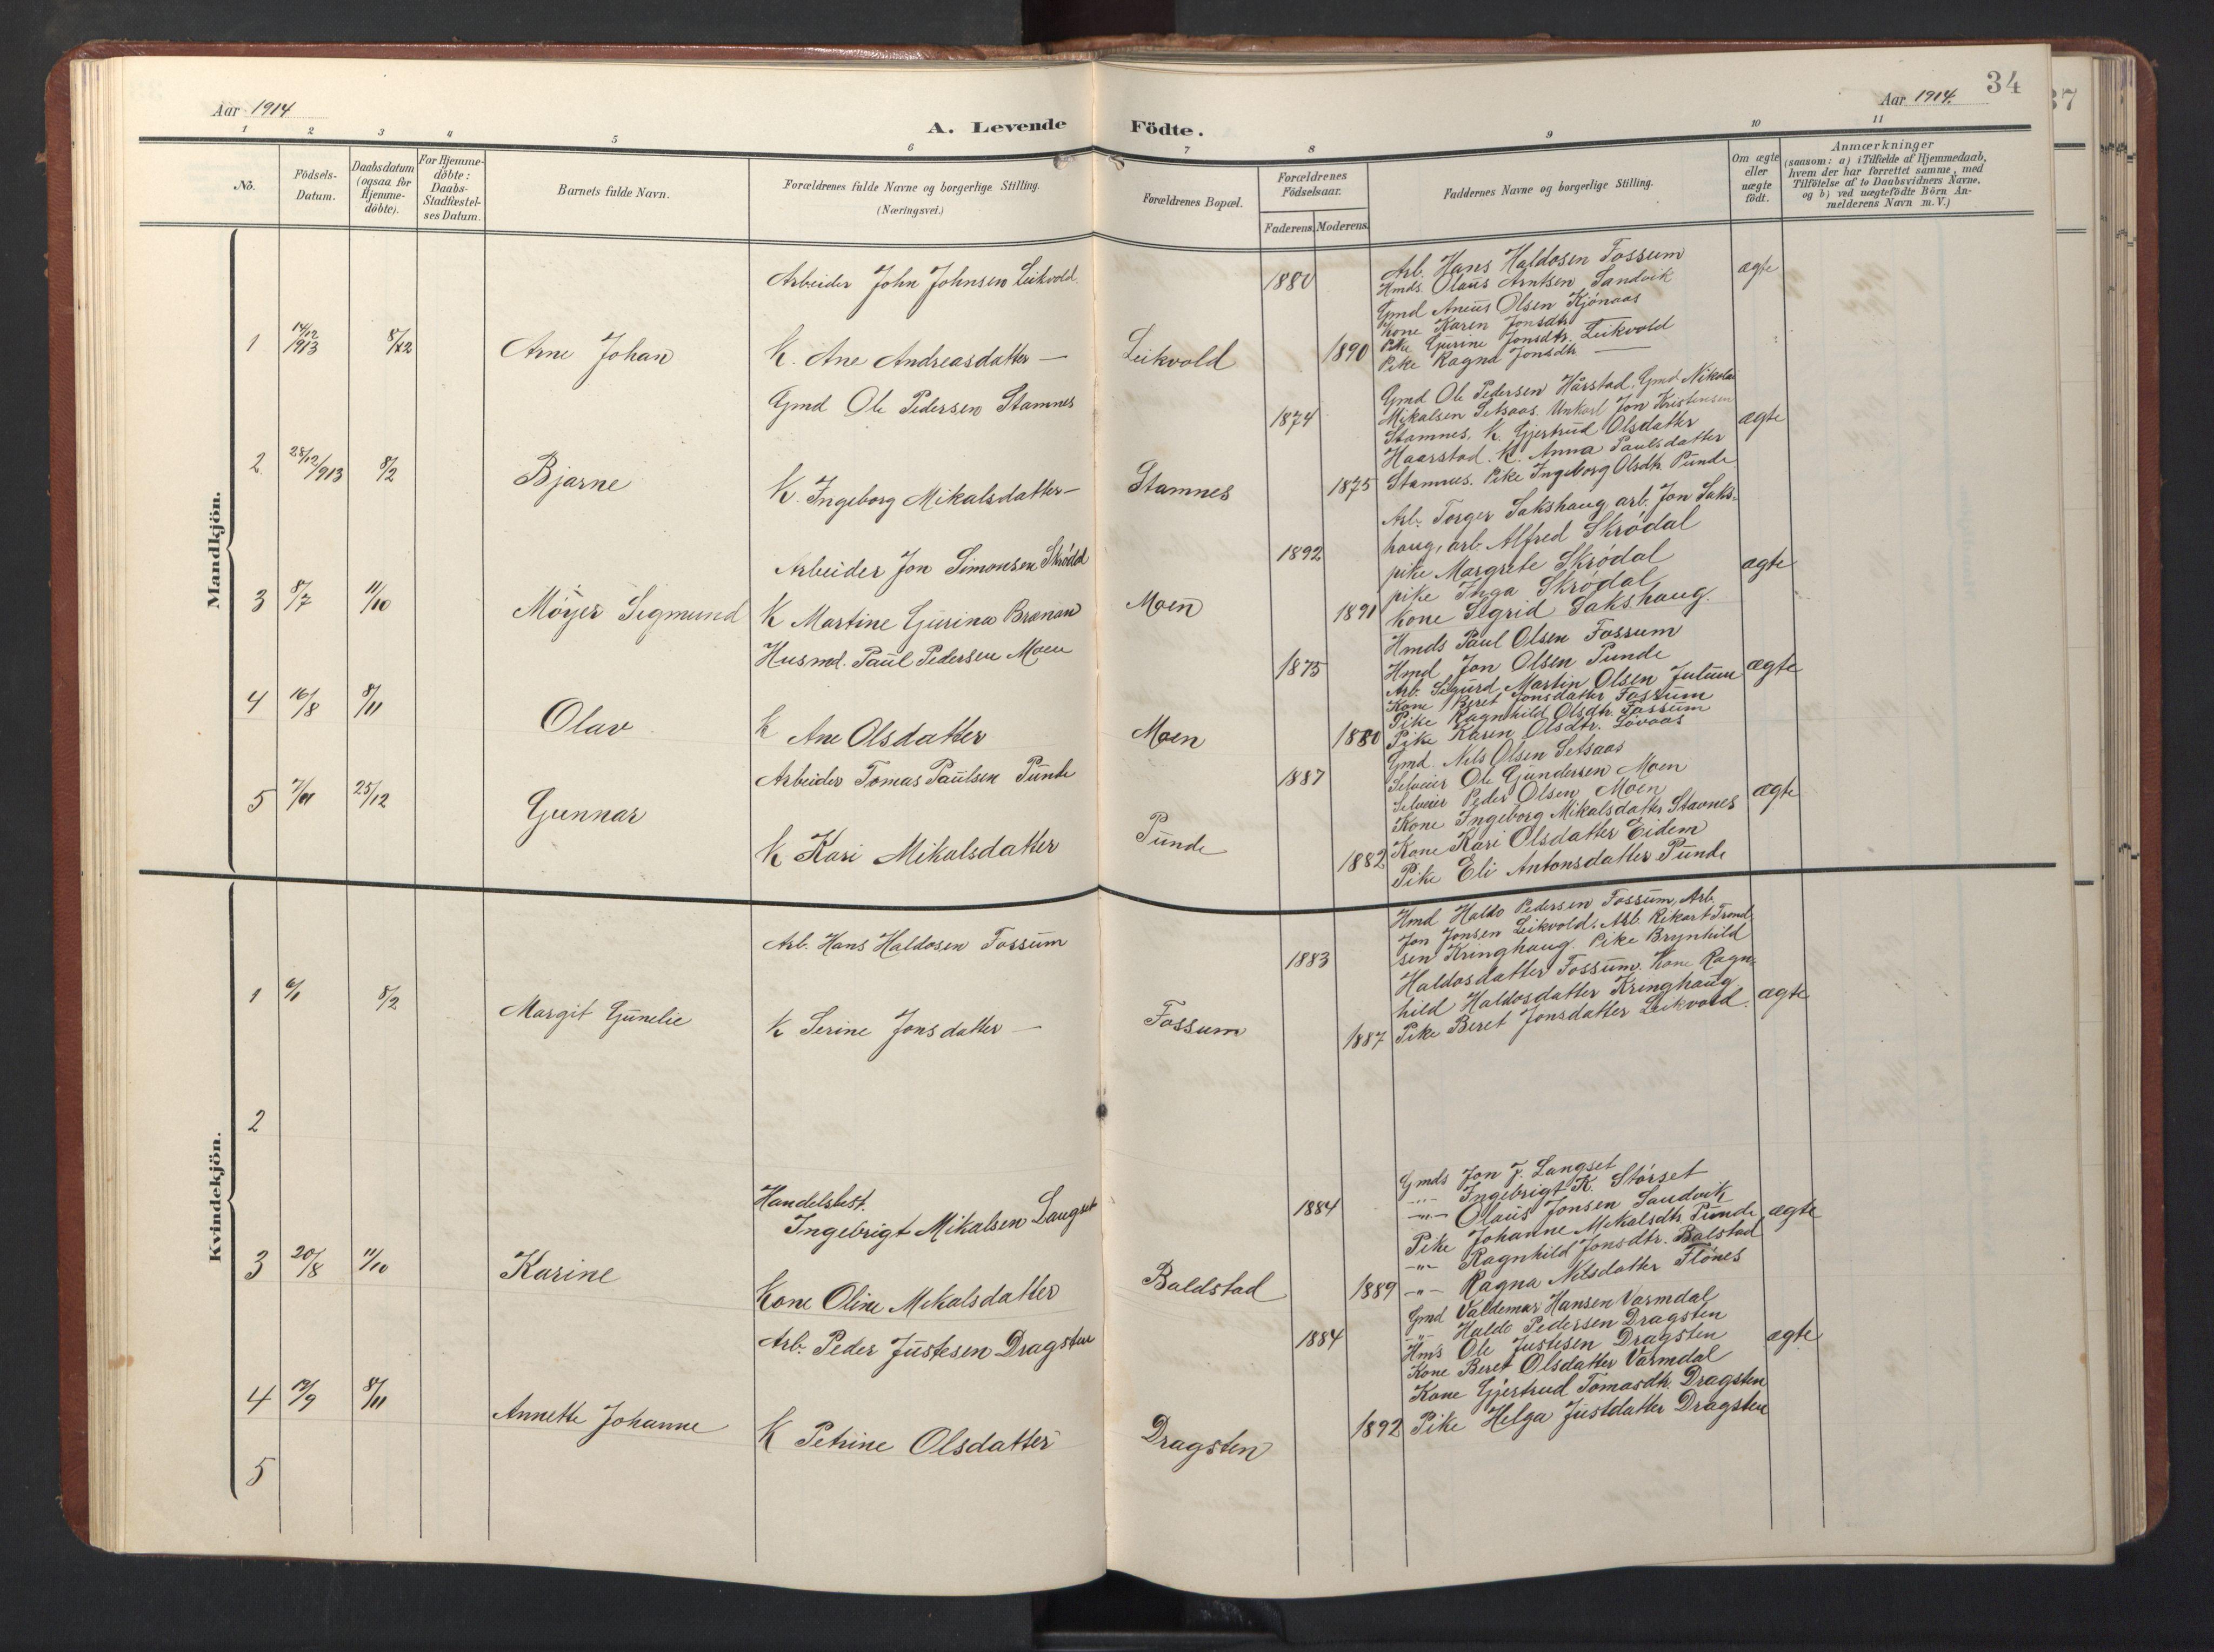 SAT, Ministerialprotokoller, klokkerbøker og fødselsregistre - Sør-Trøndelag, 696/L1161: Klokkerbok nr. 696C01, 1902-1950, s. 34